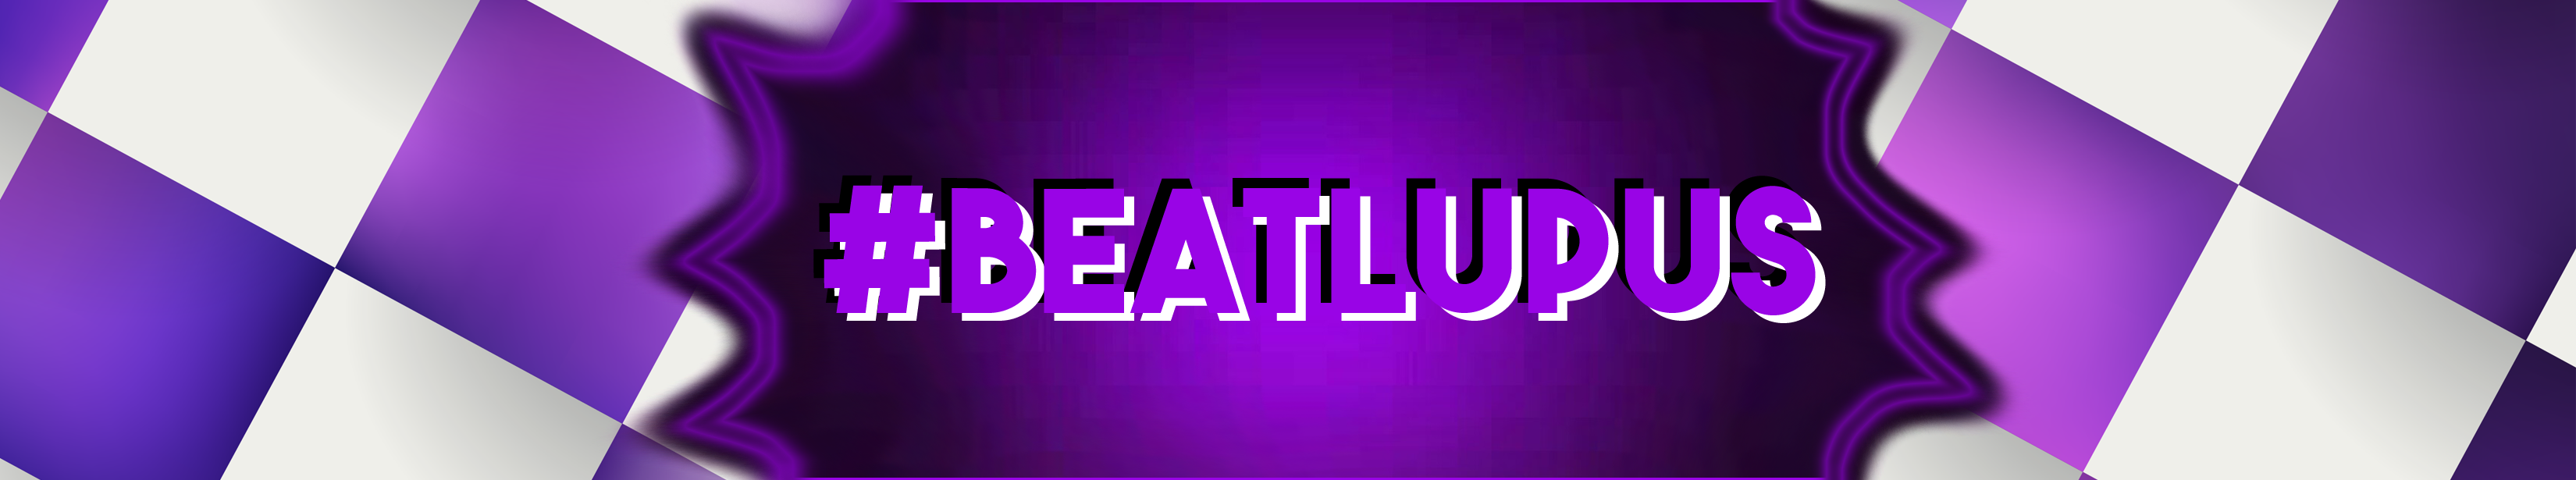 #Beatlupus